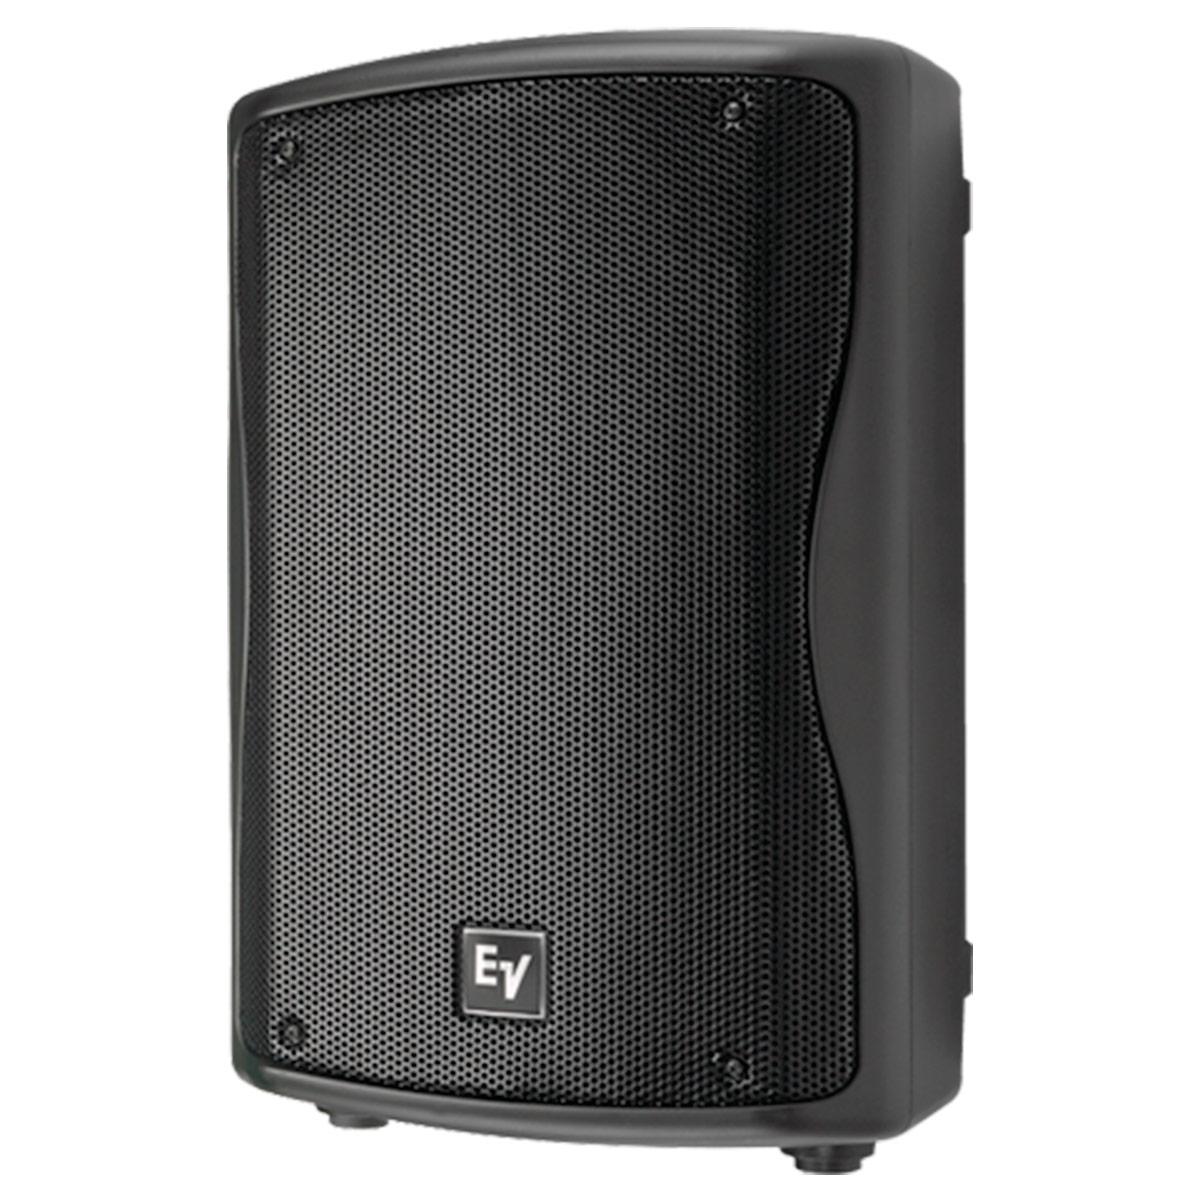 ZxA1 - Caixa Ativa 800W Zx A1 - Electro-Voice